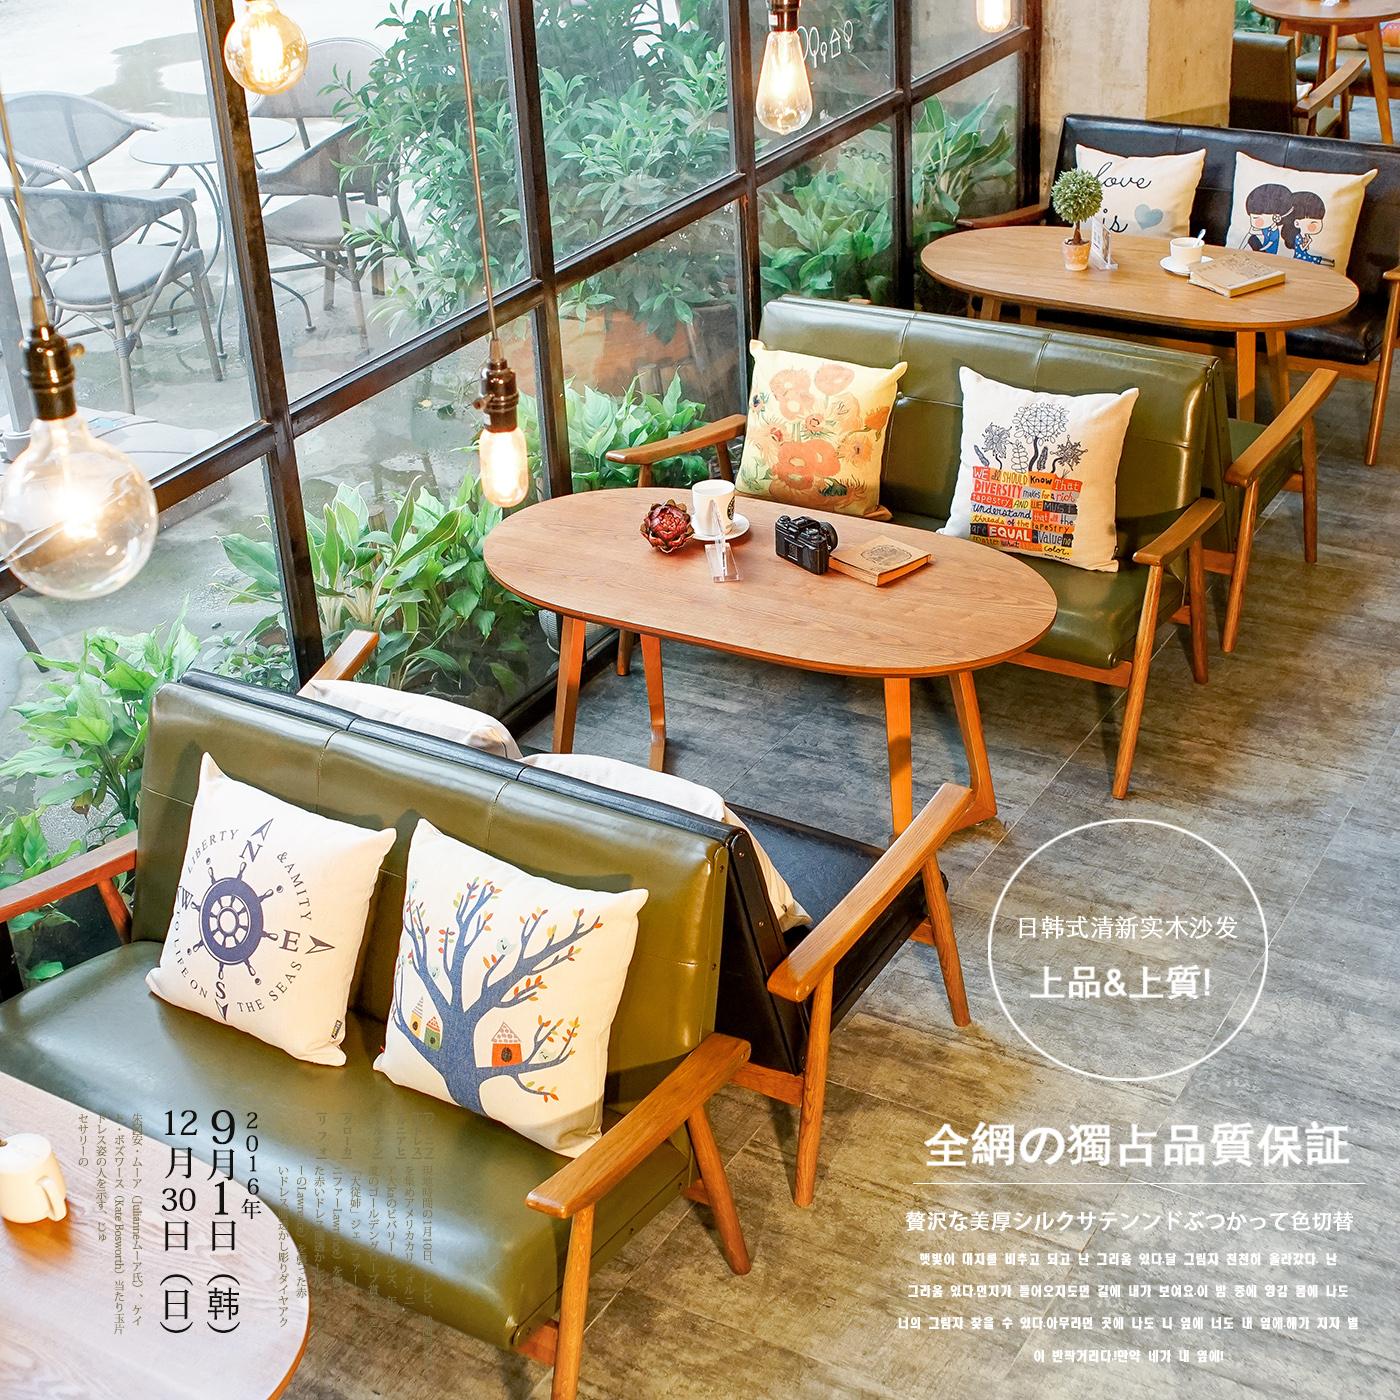 Японский дерево случайный диван столы и стулья нордический простой кофе зал остальные площадь контакт разговор диван гостиная диван стул